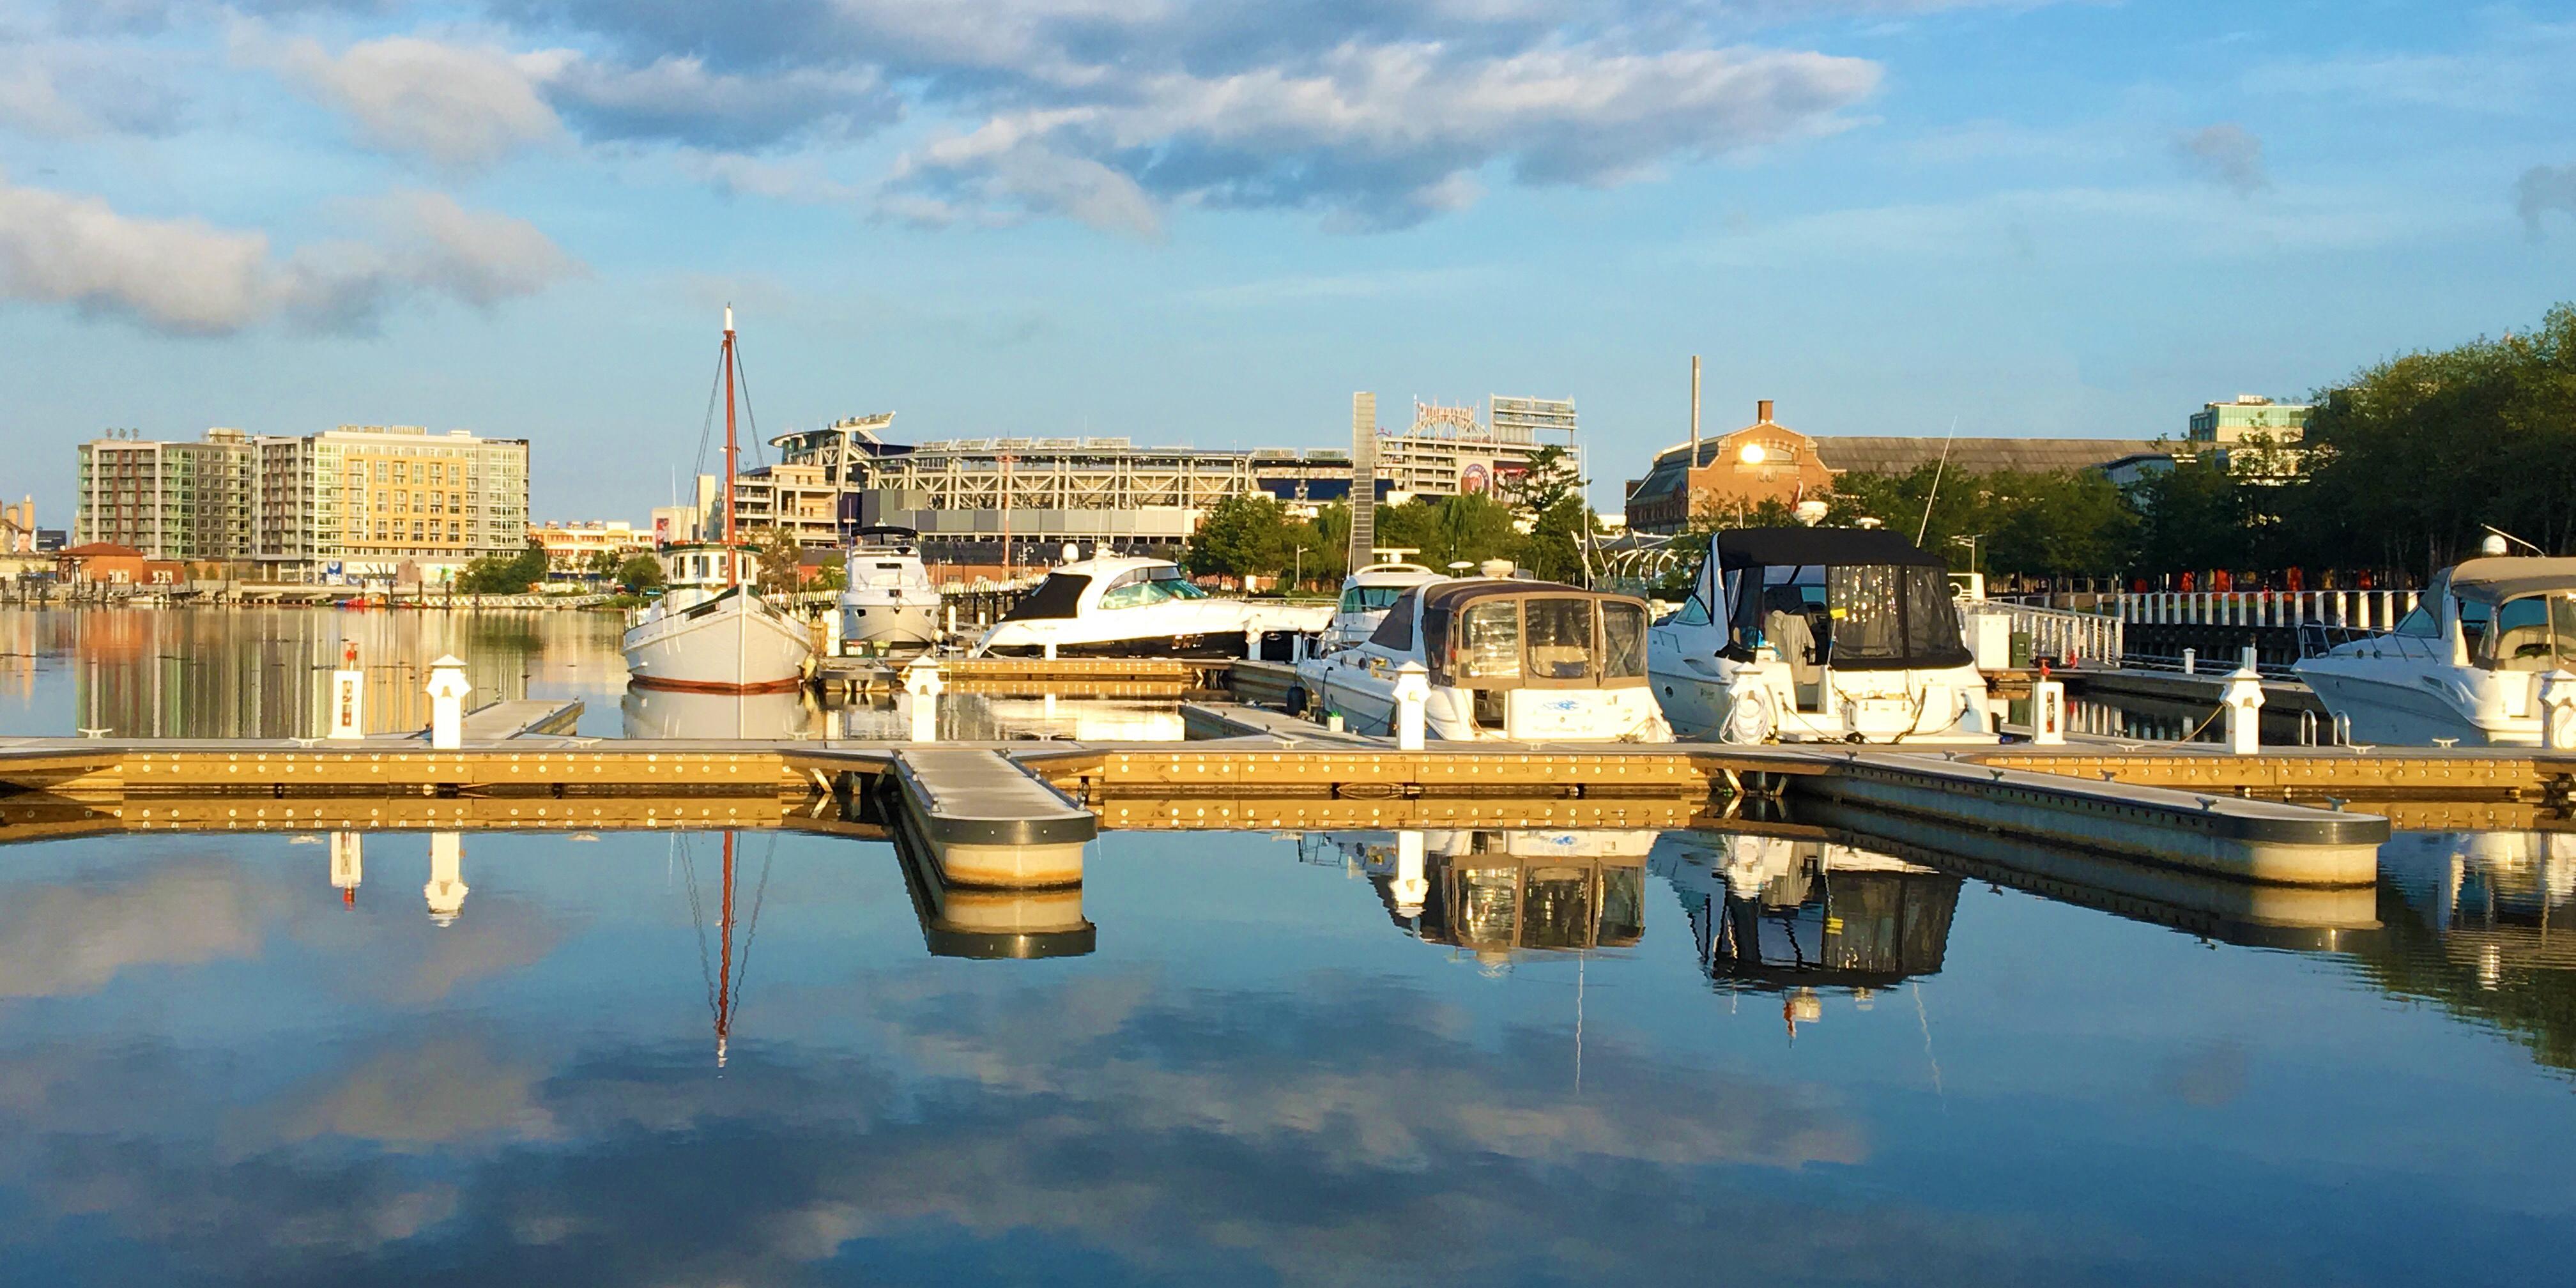 yards-marina-early-morning_1